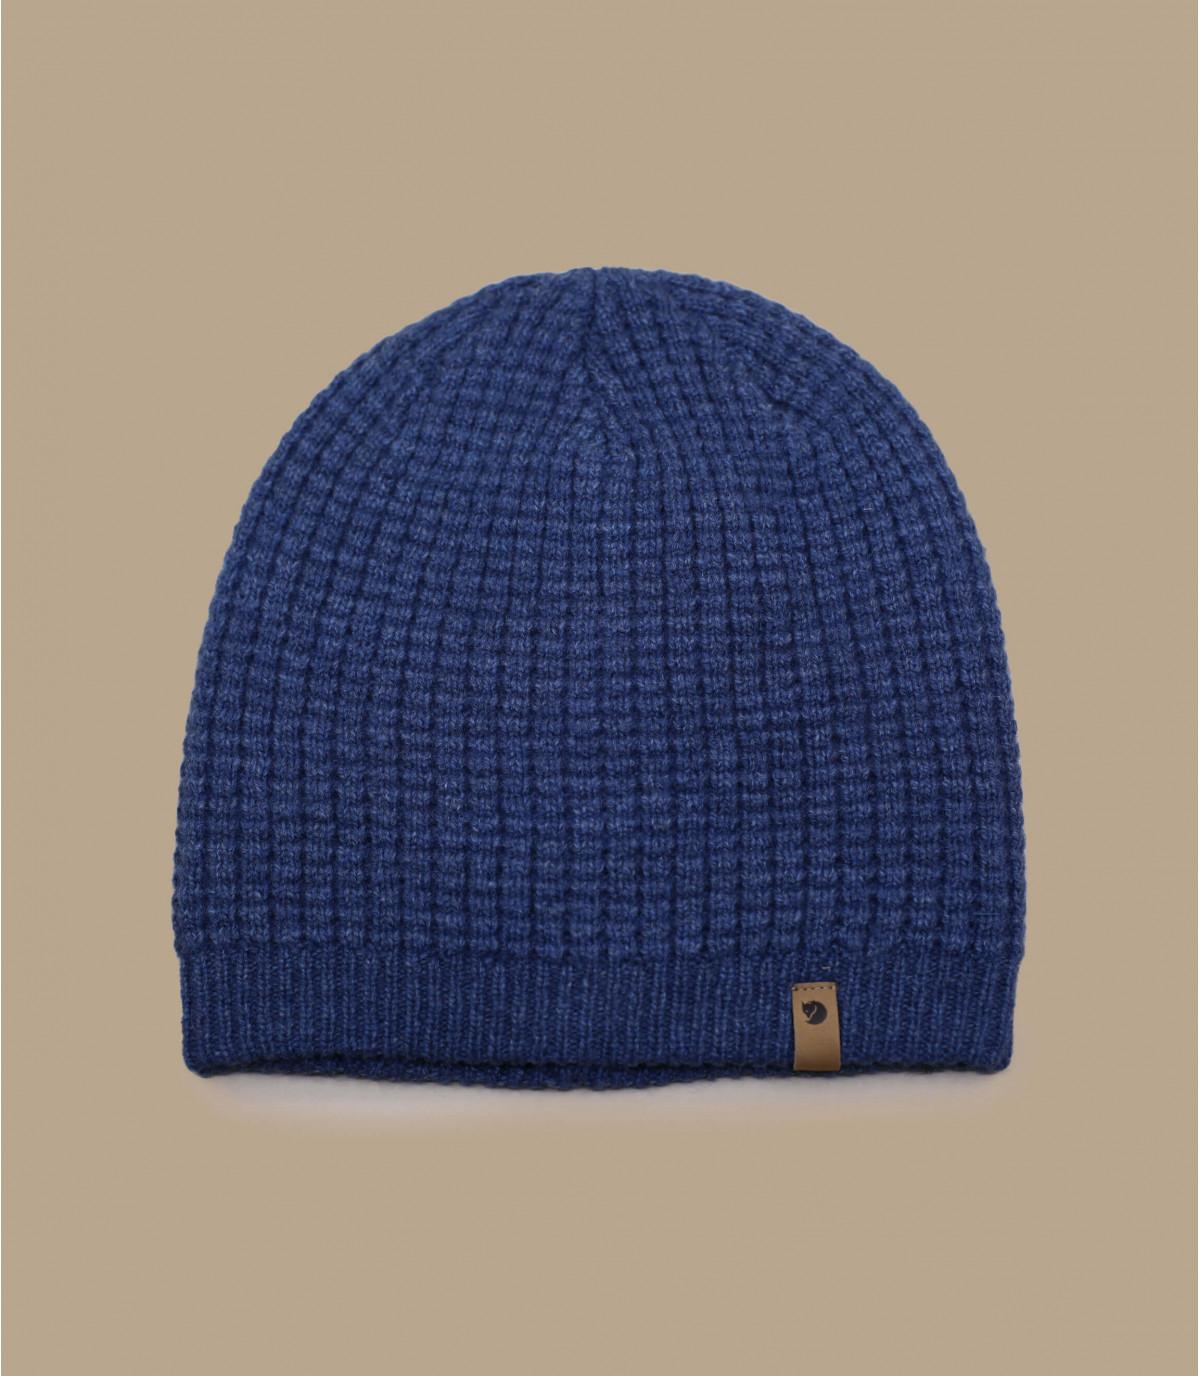 Mütze marineblau Fjällräven